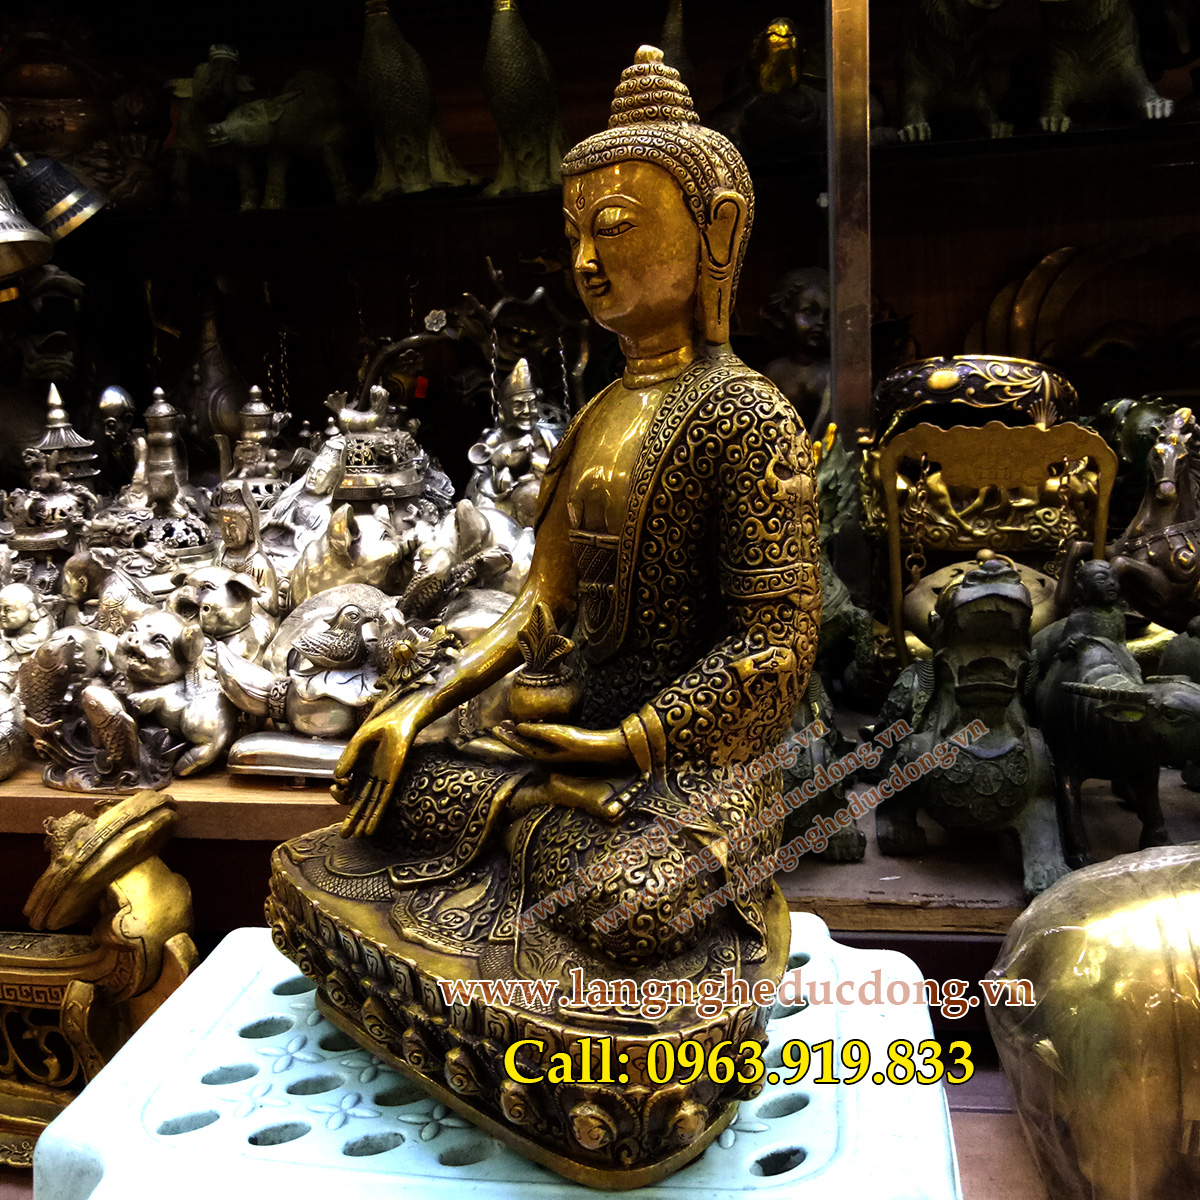 langngheducdong.vn - tượng đồng, tượng phật, tượng thích ca, tượng adida, tượng dược sư